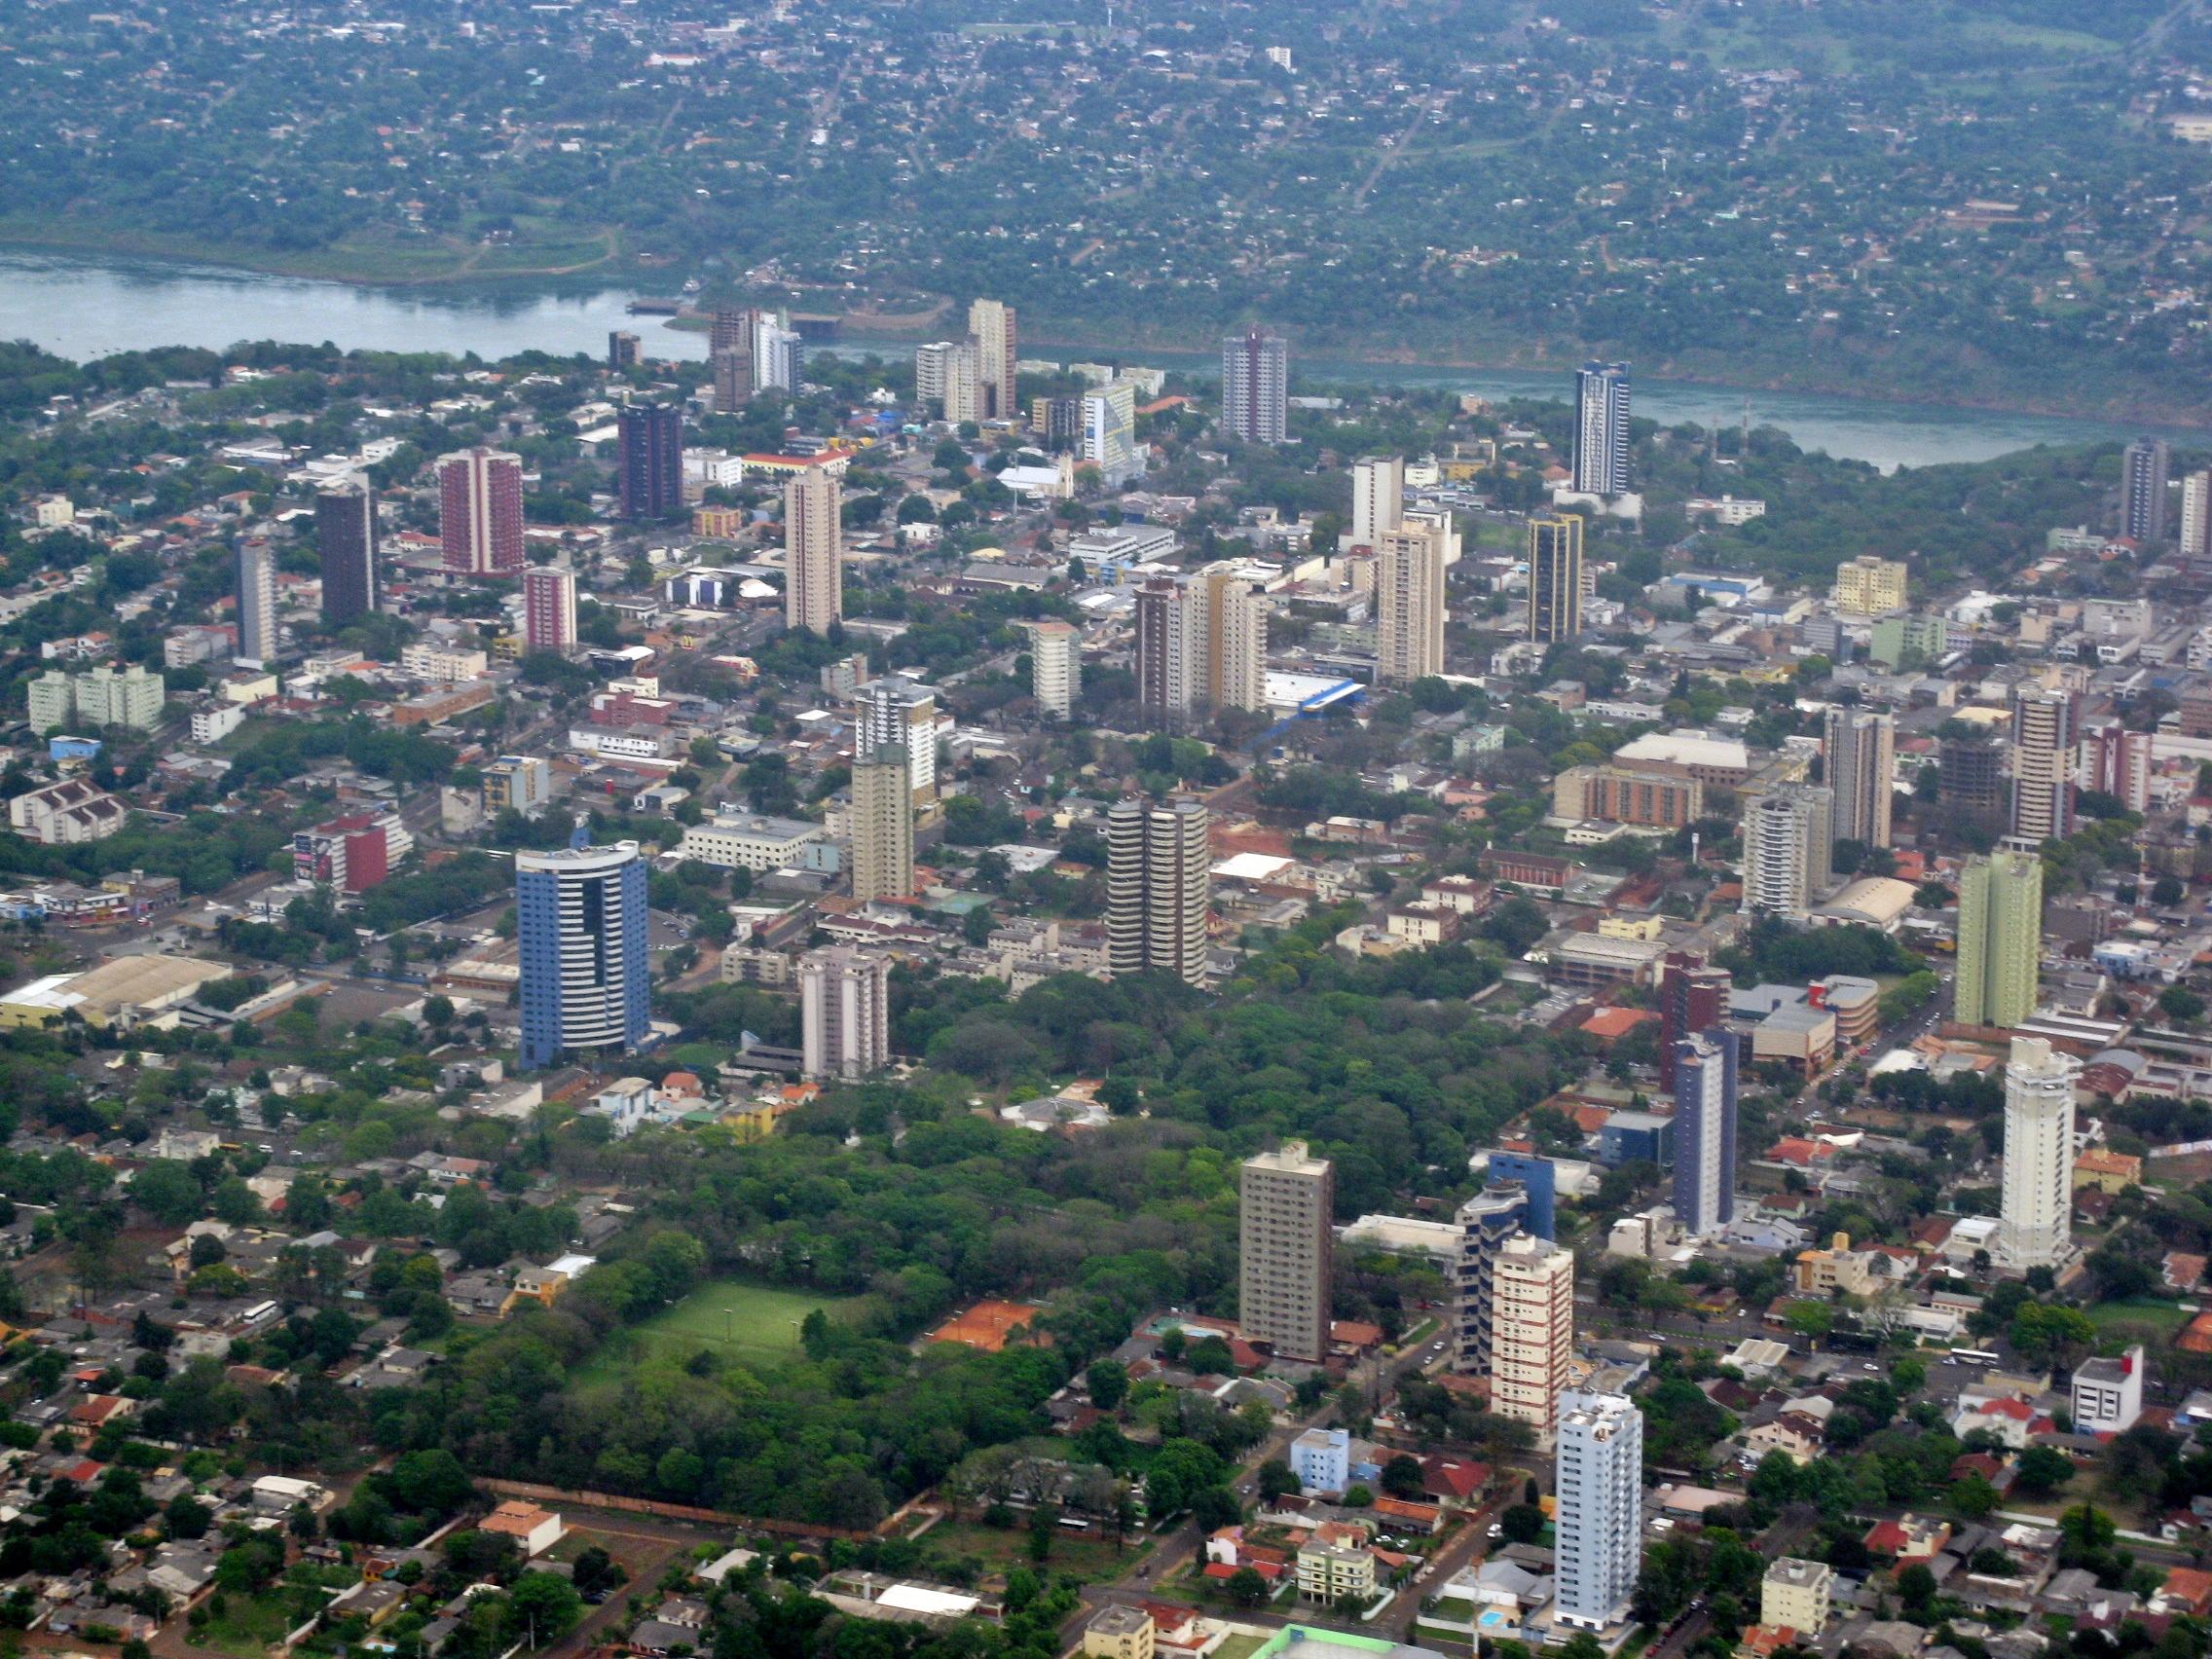 Quedas do Iguaçu Paraná fonte: upload.wikimedia.org